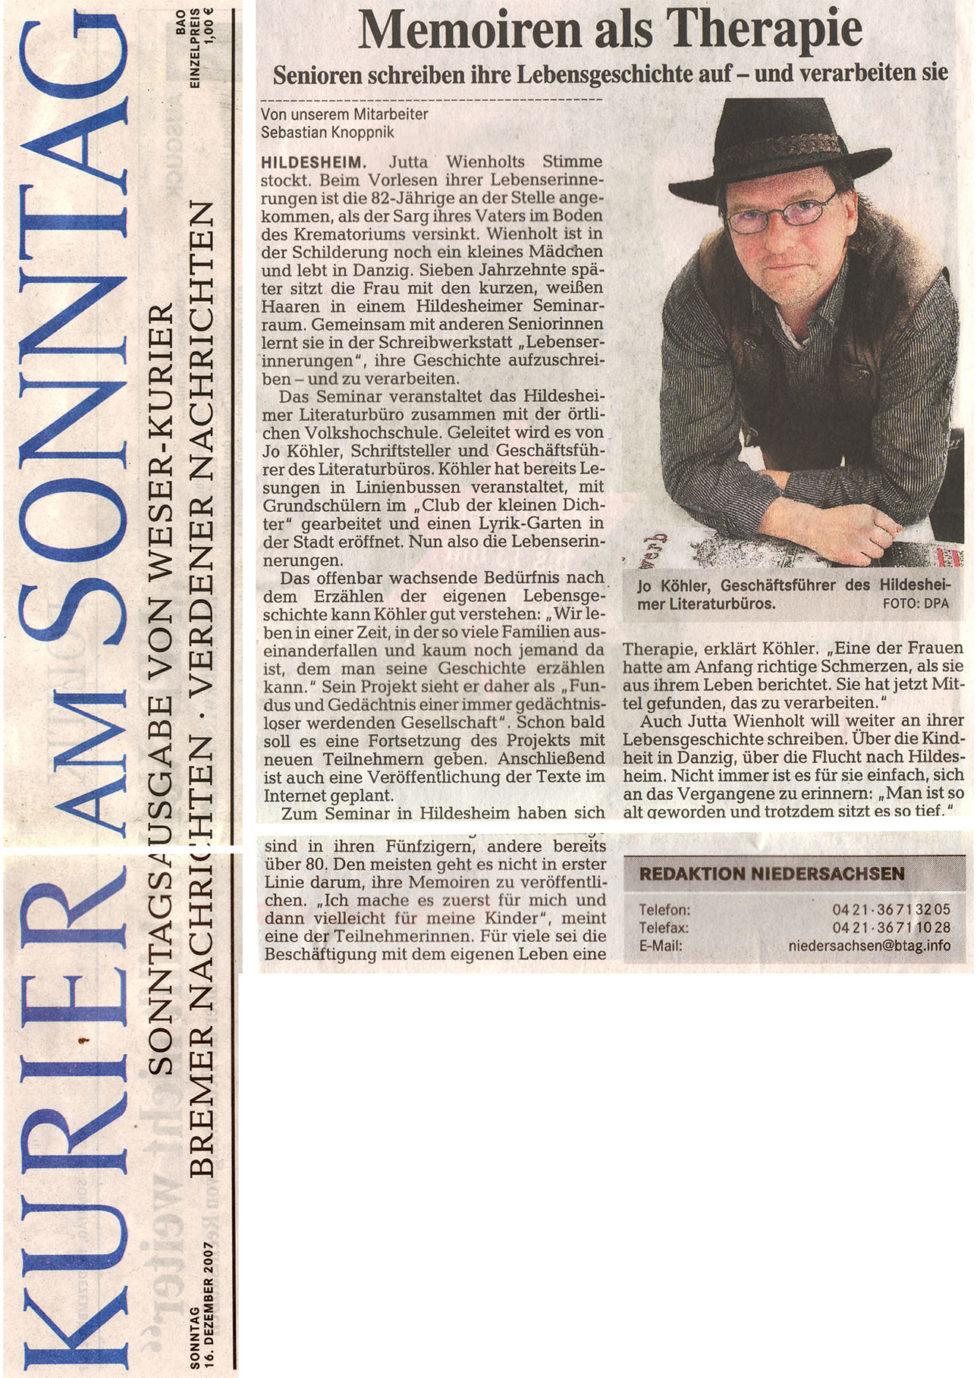 Biografisches-Schreiben_2018_01-Presse-16.12.2007